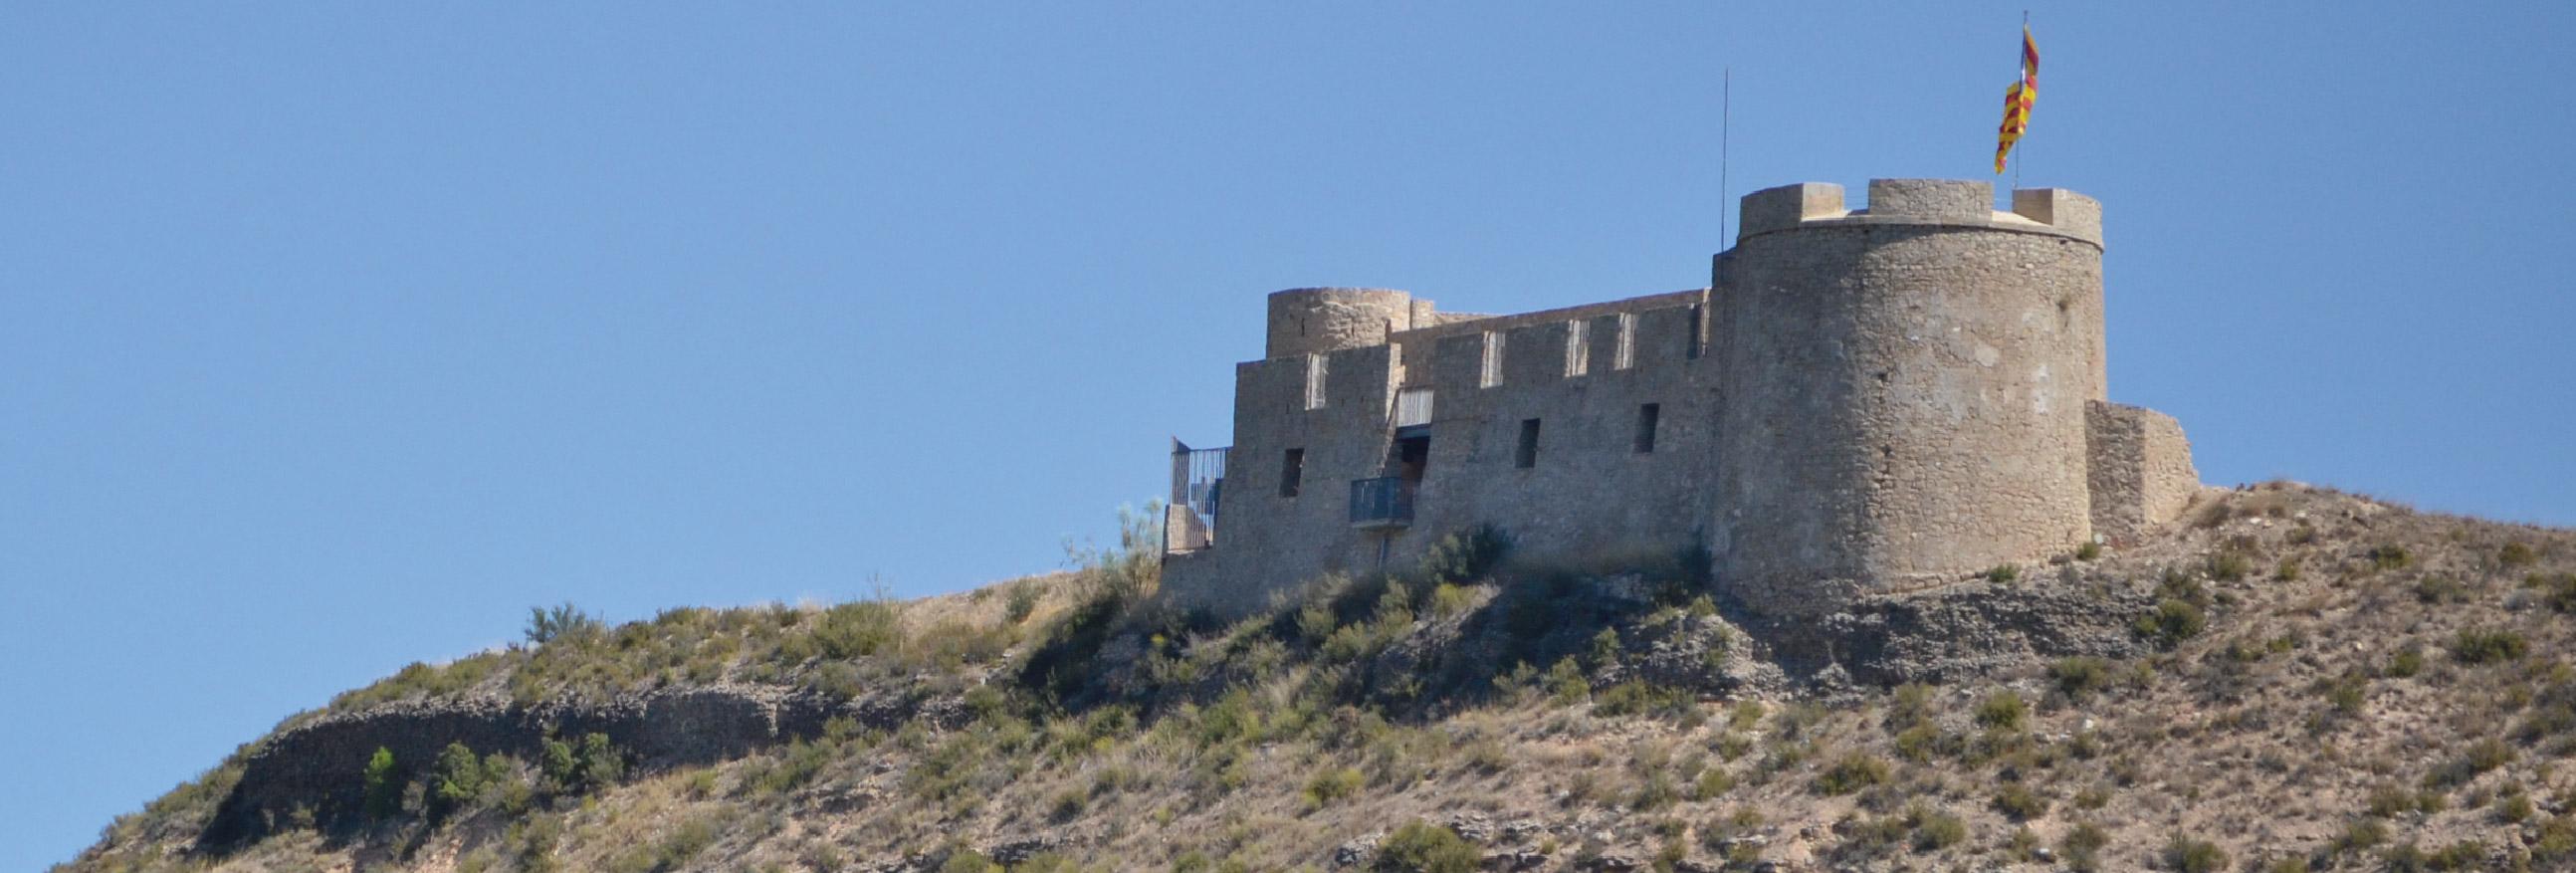 castell de flix-01